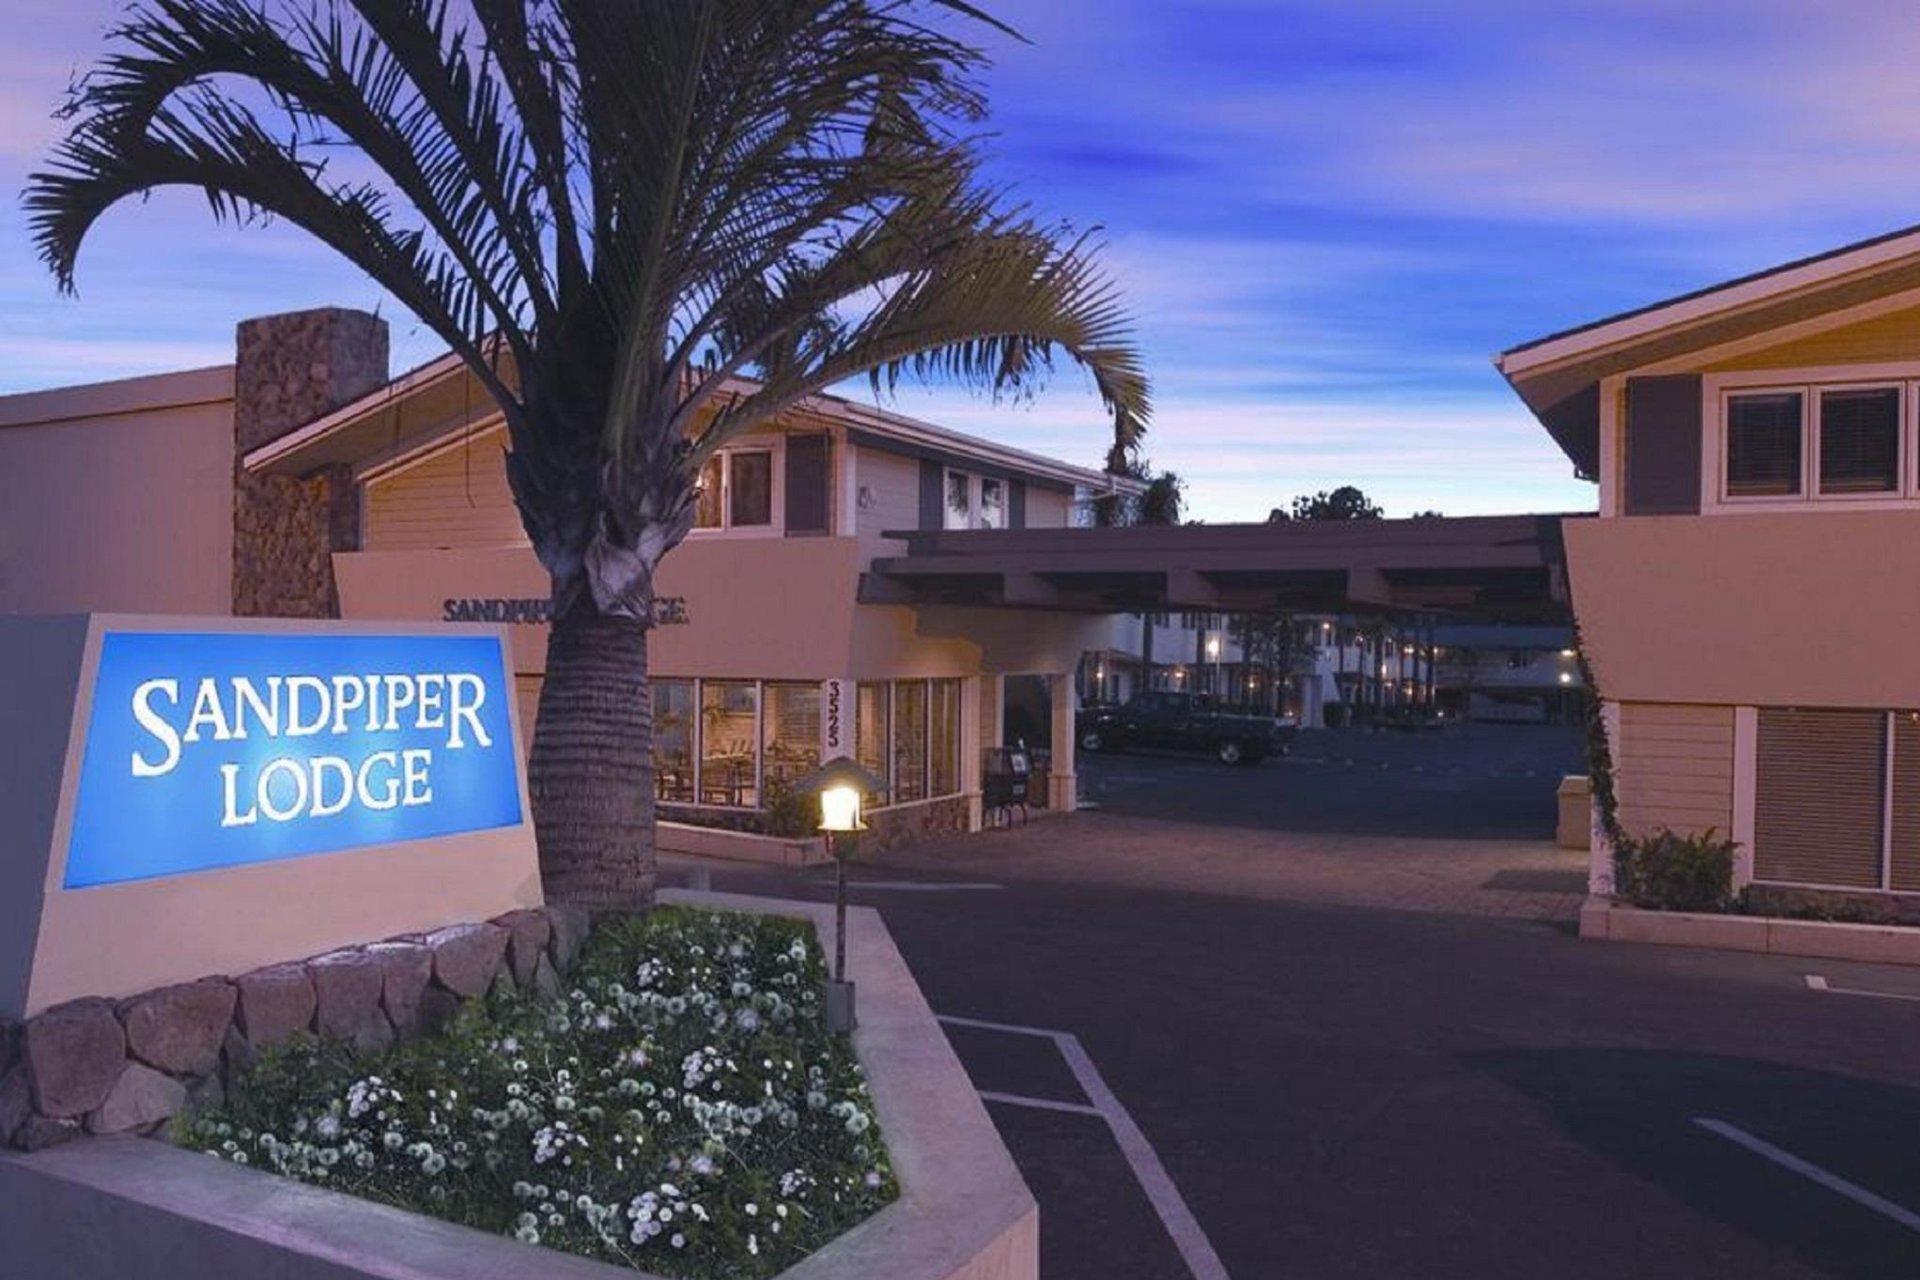 Sandpiper Lodge